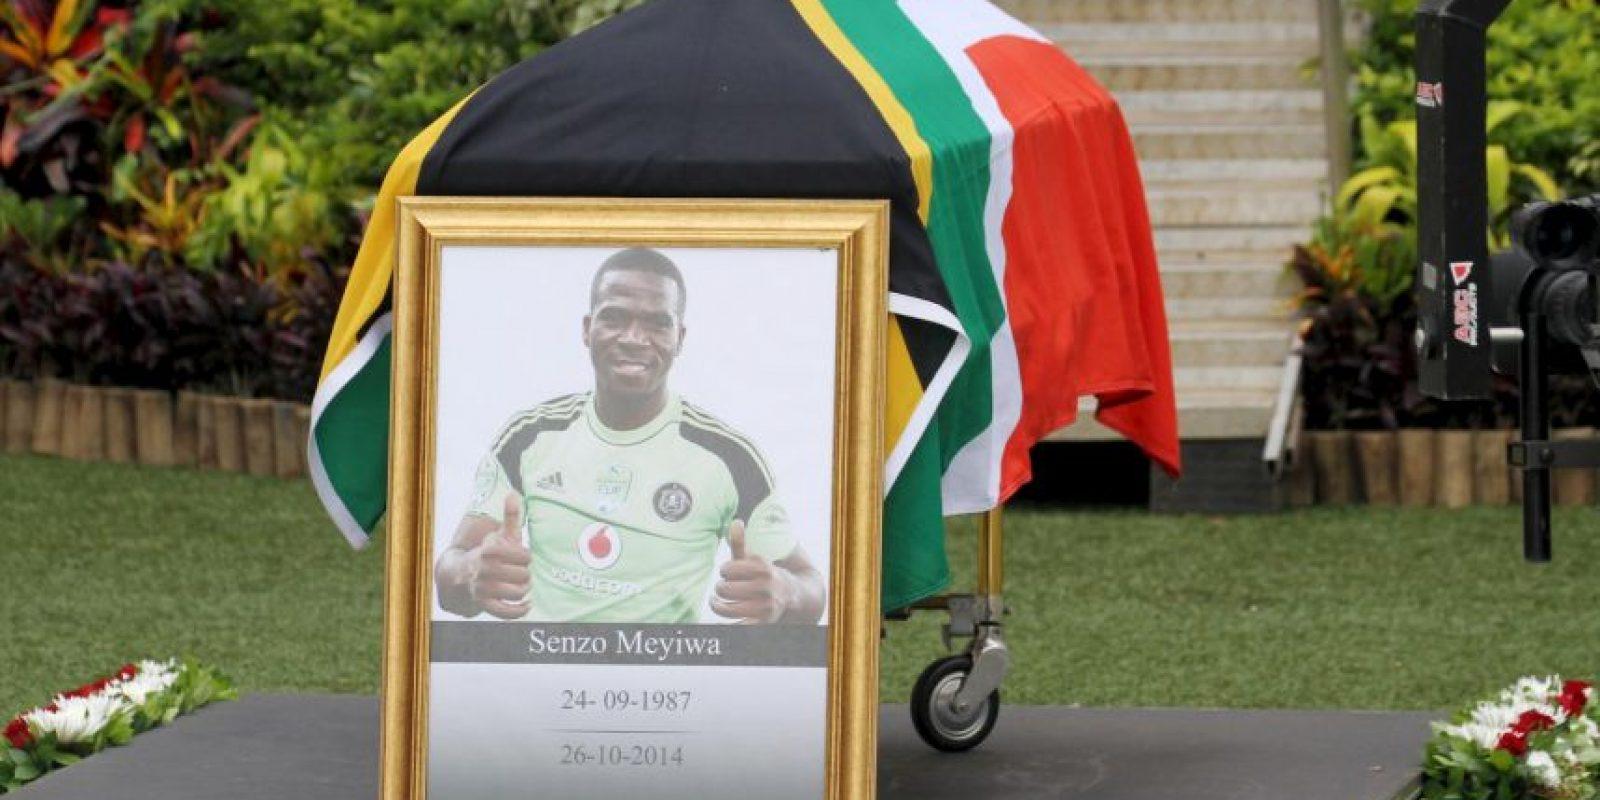 Este asesinato causó la indignación del pueblo sudafricano que lloró a su jugador por varios días. Lo extraño del caso fue que los ladrones no se llevaron ninguna propiedad del lugar en el que ocurrió el crimen. Foto:Getty Images